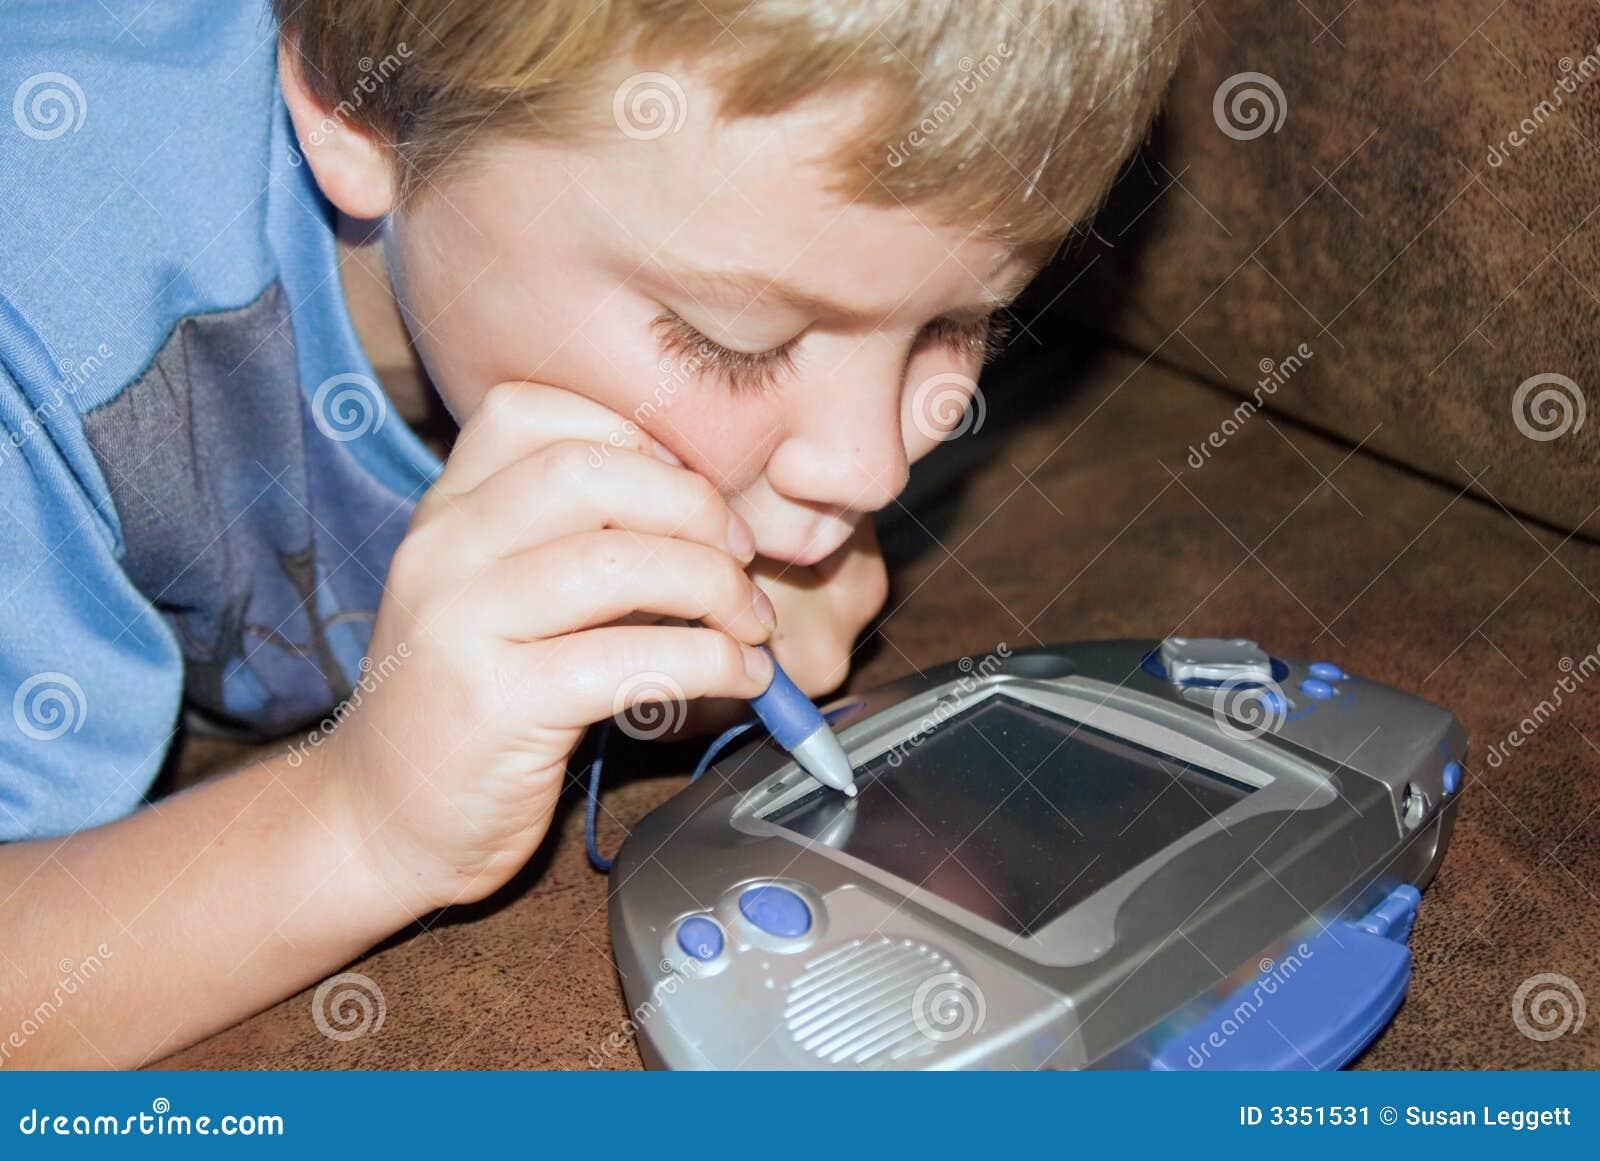 Menino que joga um jogo de computador